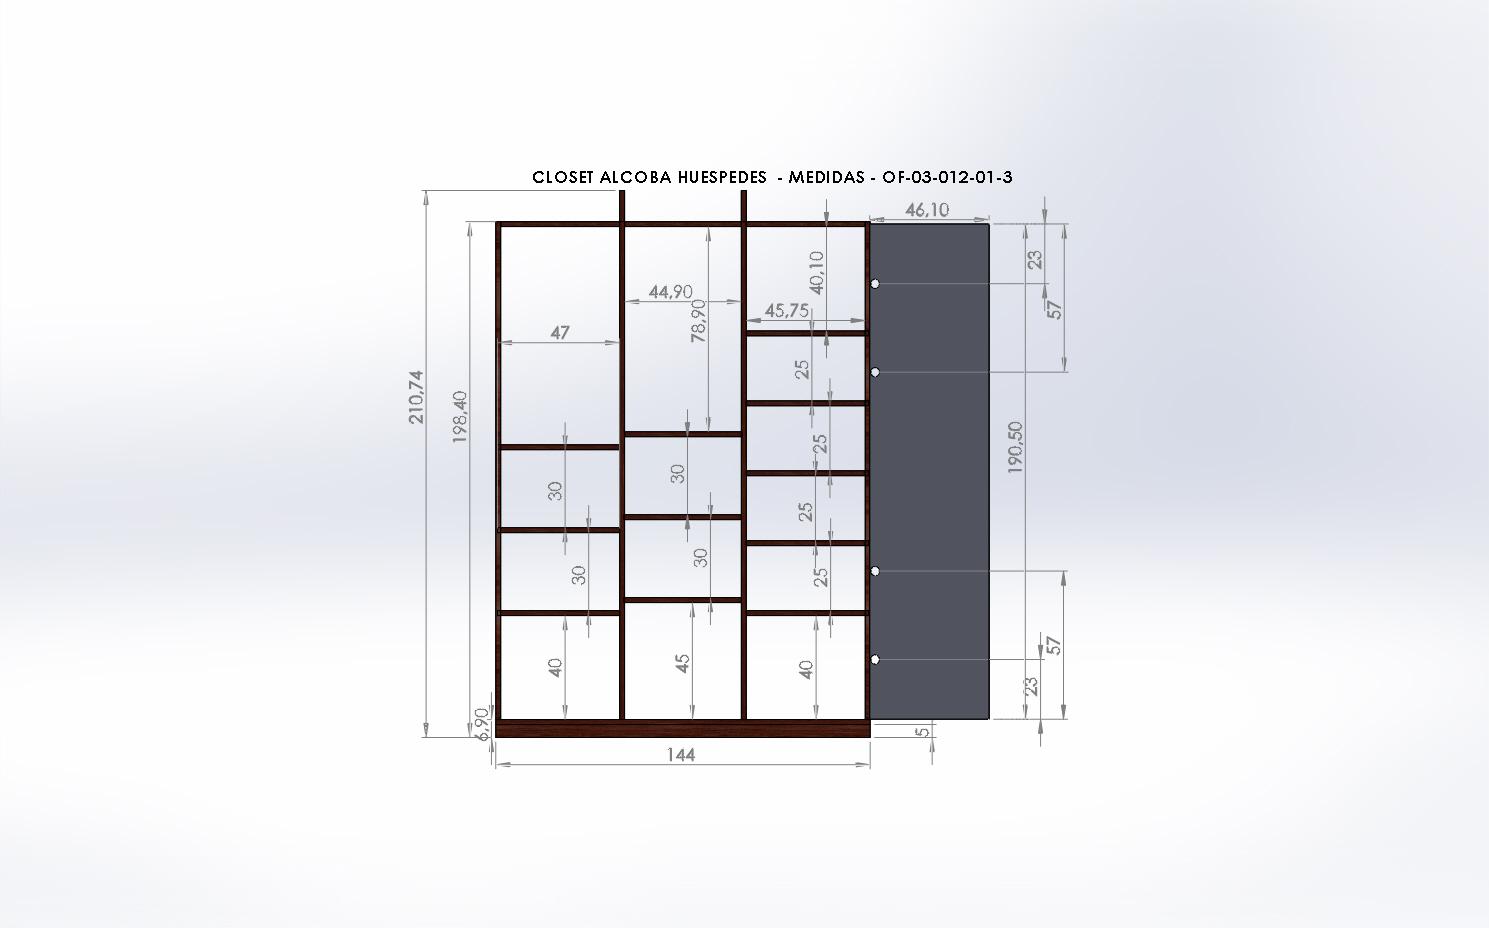 Dse o y obra muebles casa cedro bolivar muebles for Medidas de muebles para planos arquitectonicos